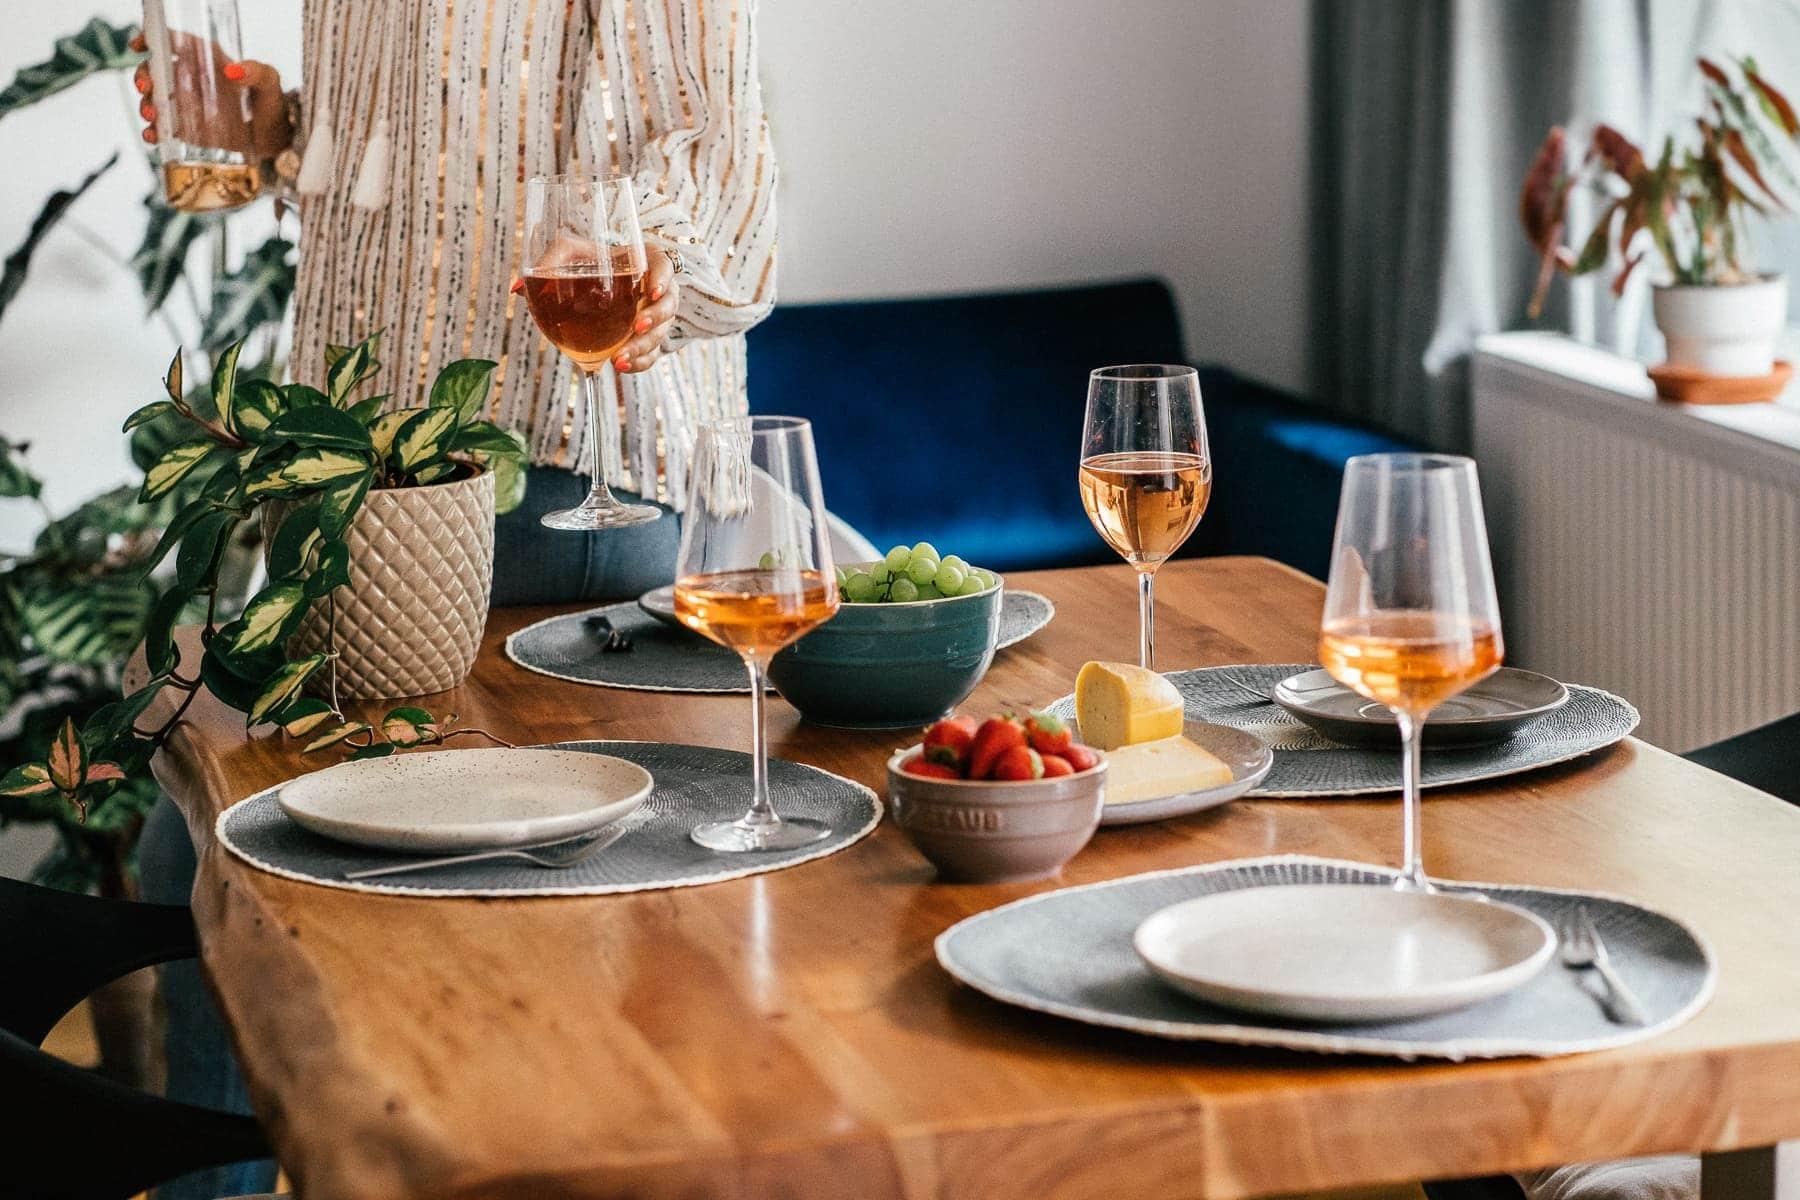 Mein Provence Moment in Deutschland - Ein Rosé Abend mit Freunden